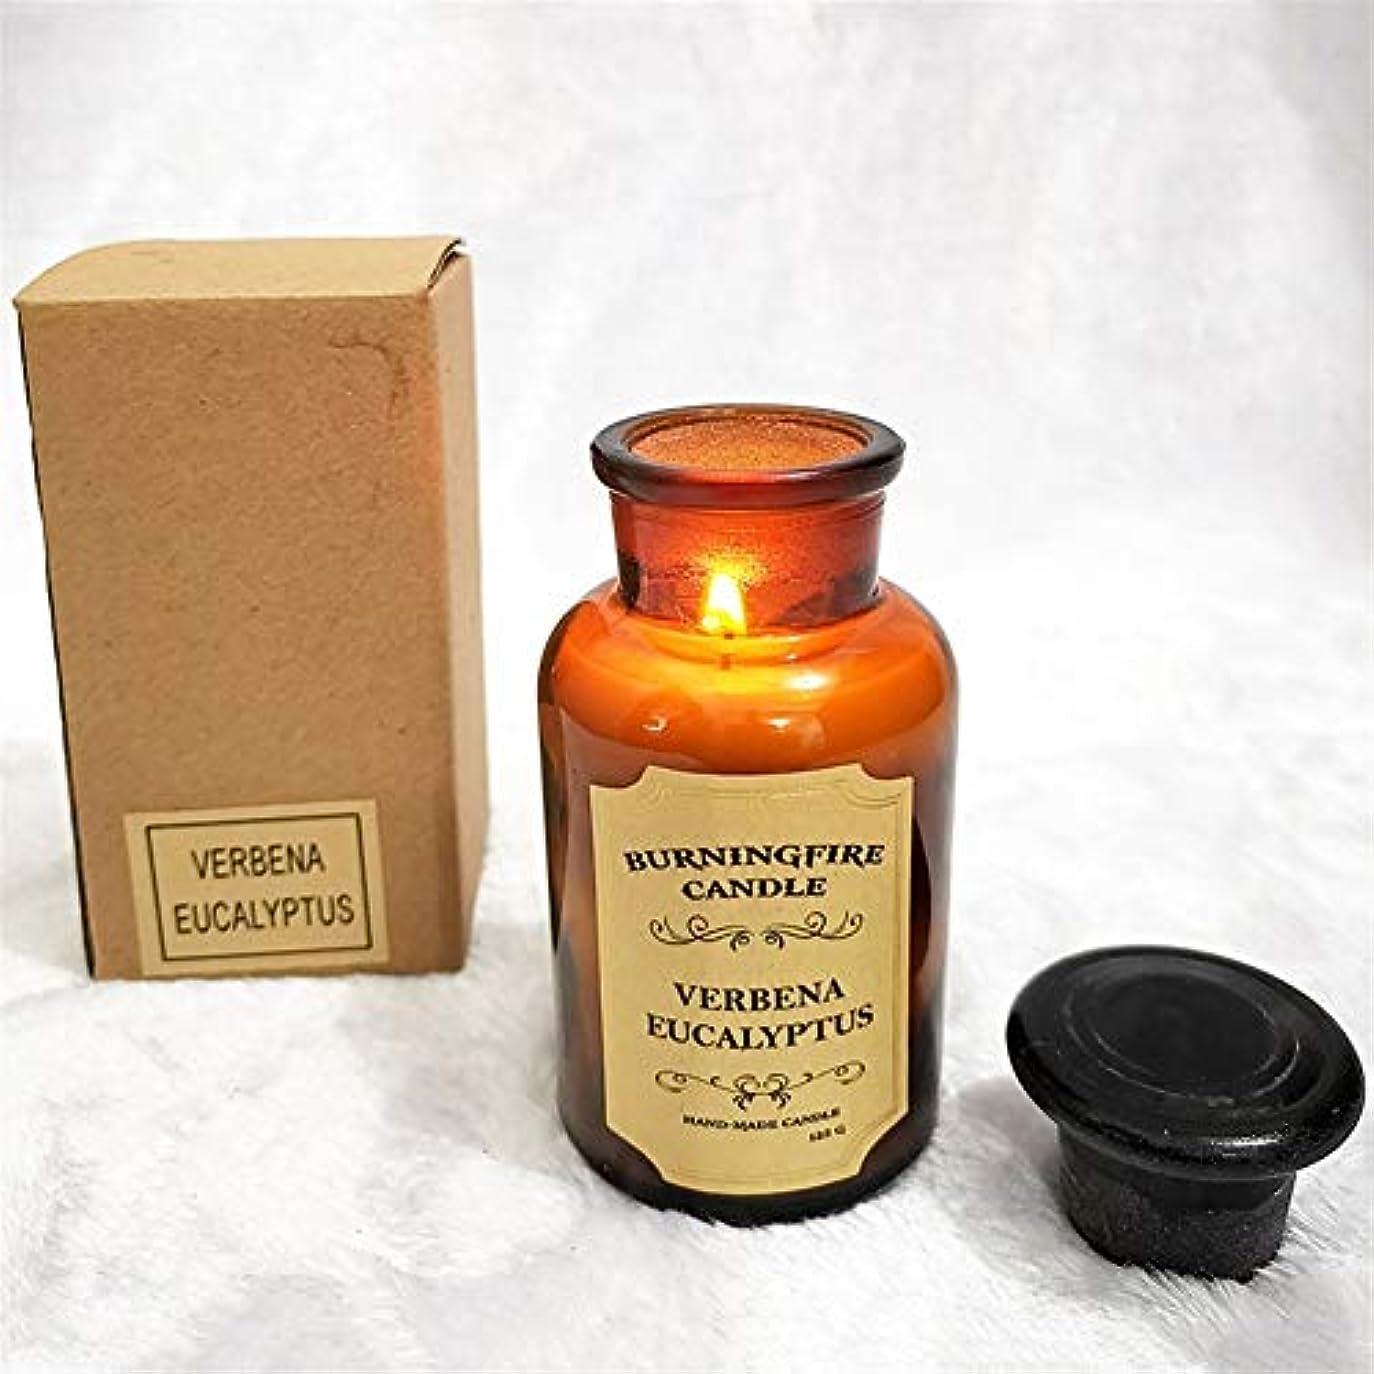 実用的略すメガロポリスZtian 香り手作りギフトガラスローソク足ロマンチックな香りのキャンドル香りのキャンドル誕生日キャンドル (色 : Eucalyptus large)